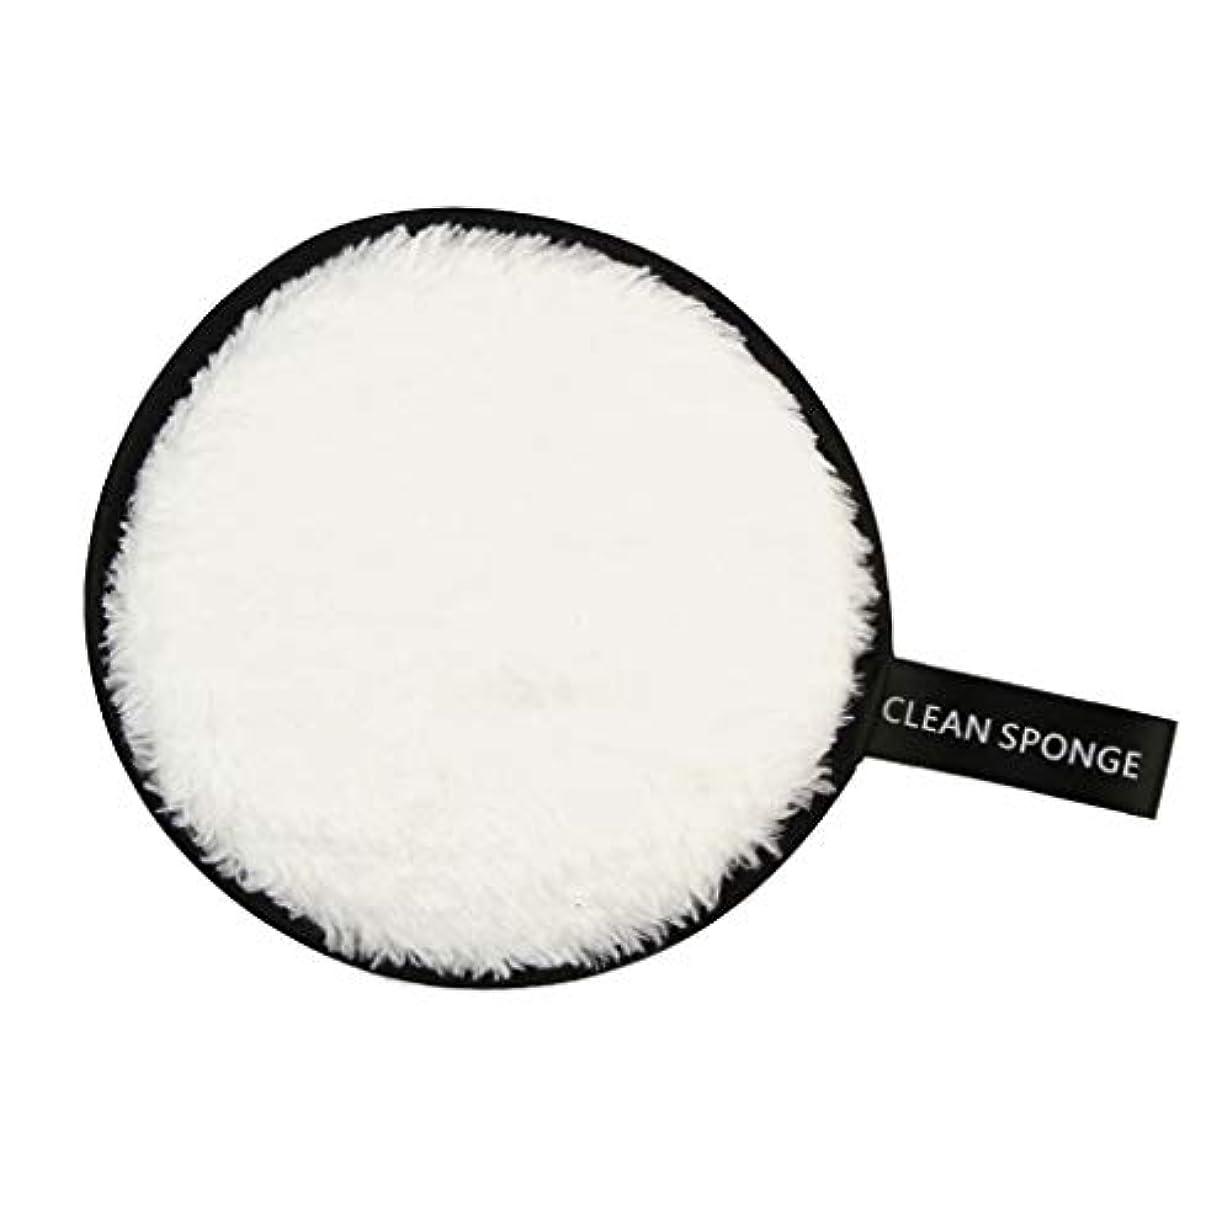 球状パッケージコミュニティ全6色 フェイススポンジ 再利用可能 洗顔パフ クリーニングパフ 化粧落としパッド - 白